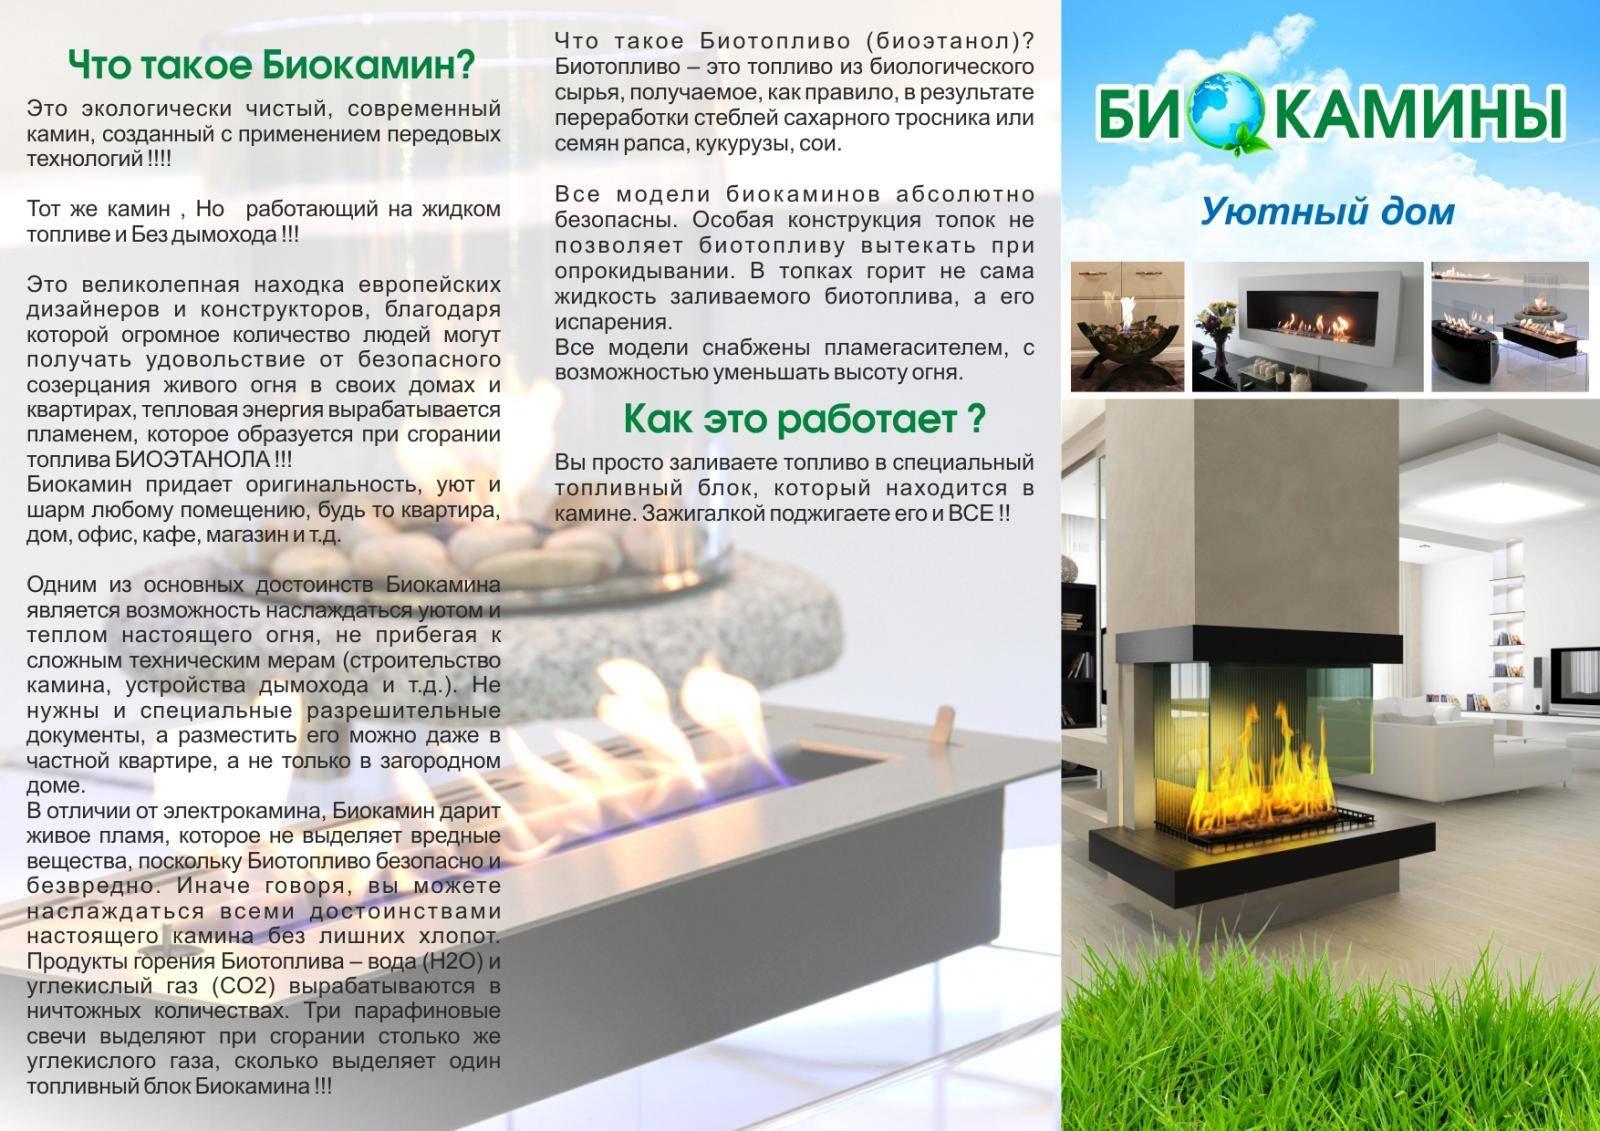 Камин на биотопливе (57 фото): модели без дымоходов, домашний настольный камин на жидком топливе своими руками